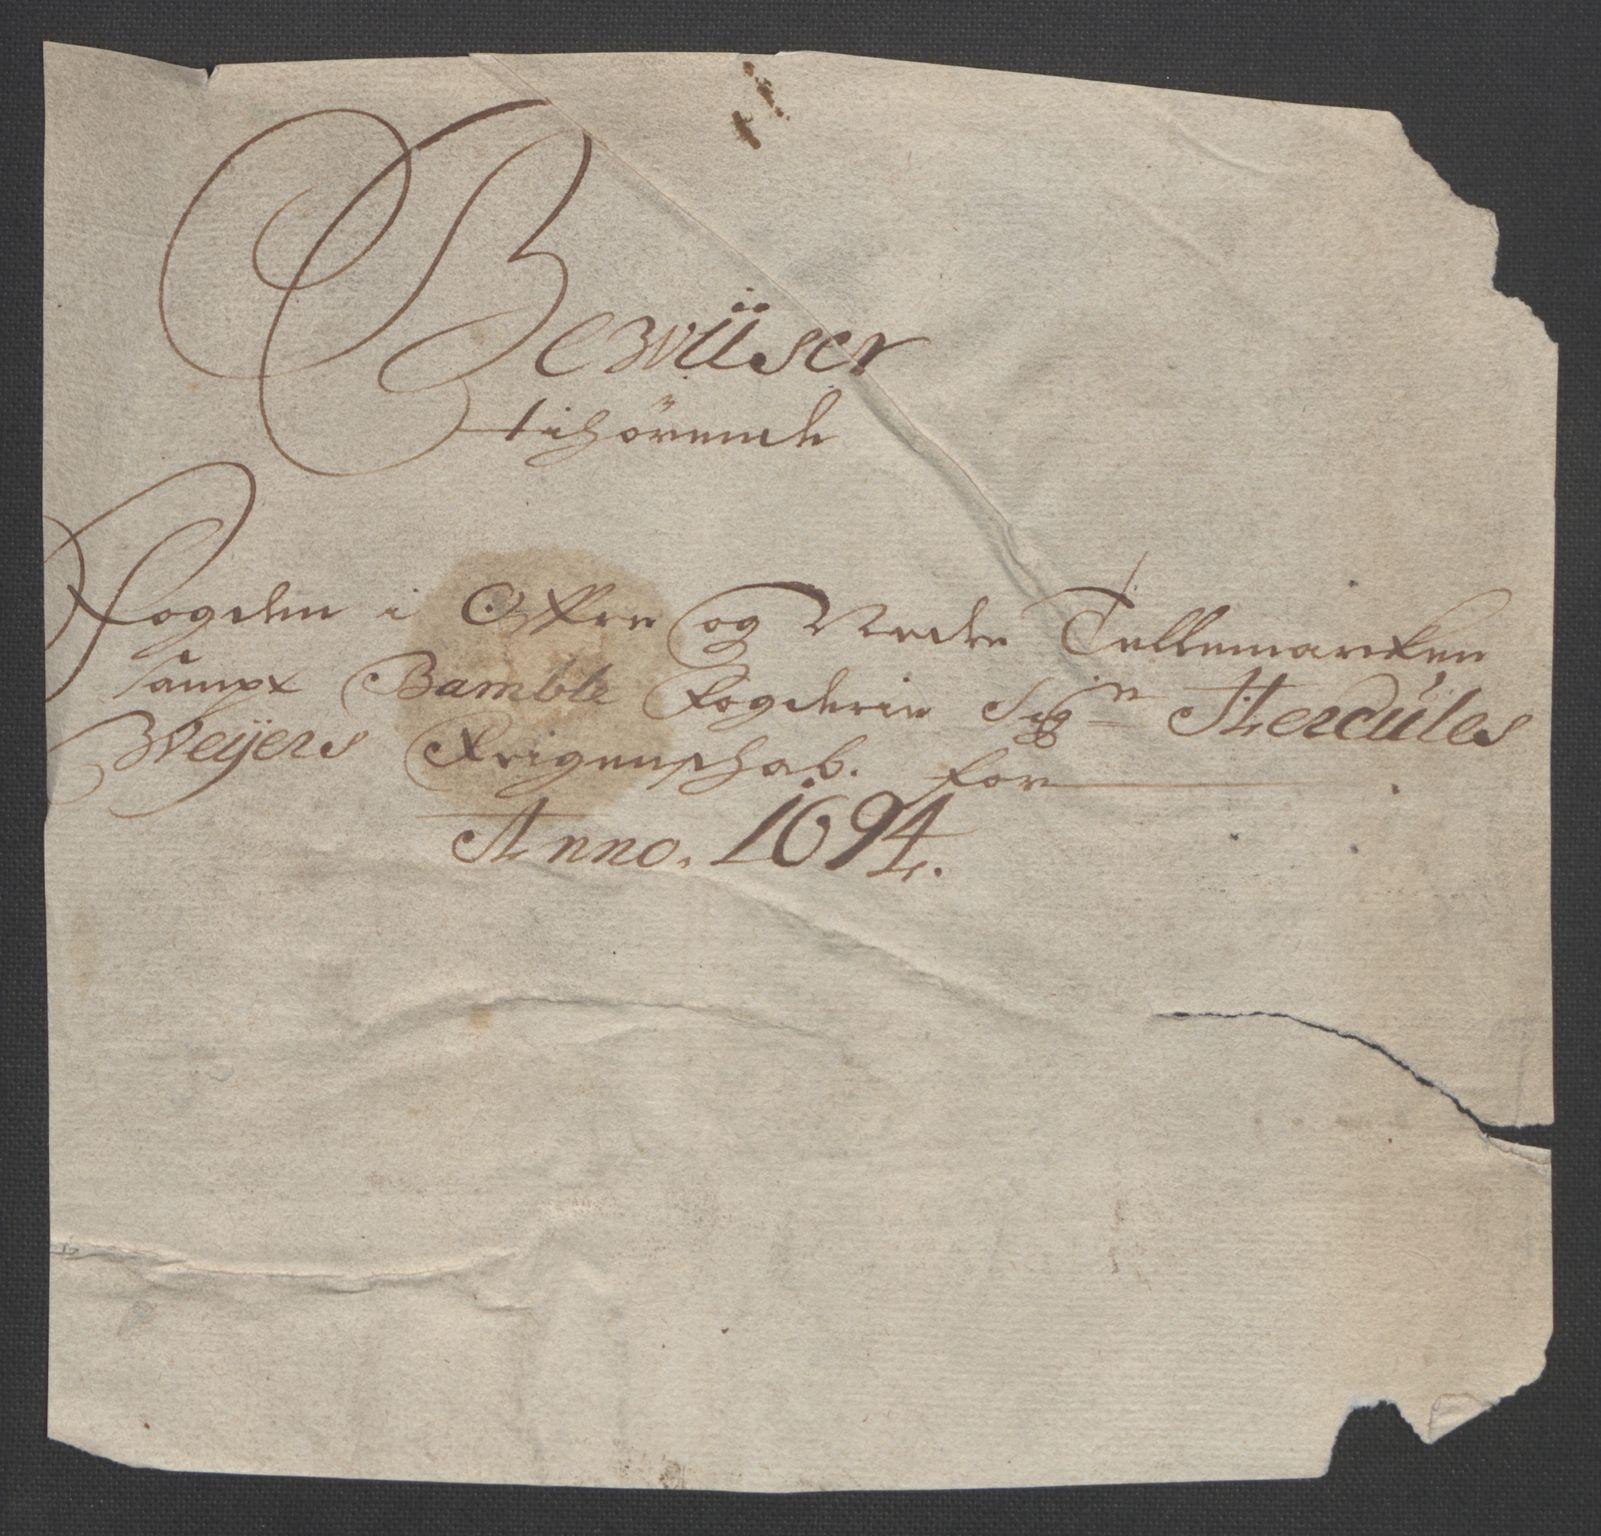 RA, Rentekammeret inntil 1814, Reviderte regnskaper, Fogderegnskap, R36/L2092: Fogderegnskap Øvre og Nedre Telemark og Bamble, 1694, s. 22